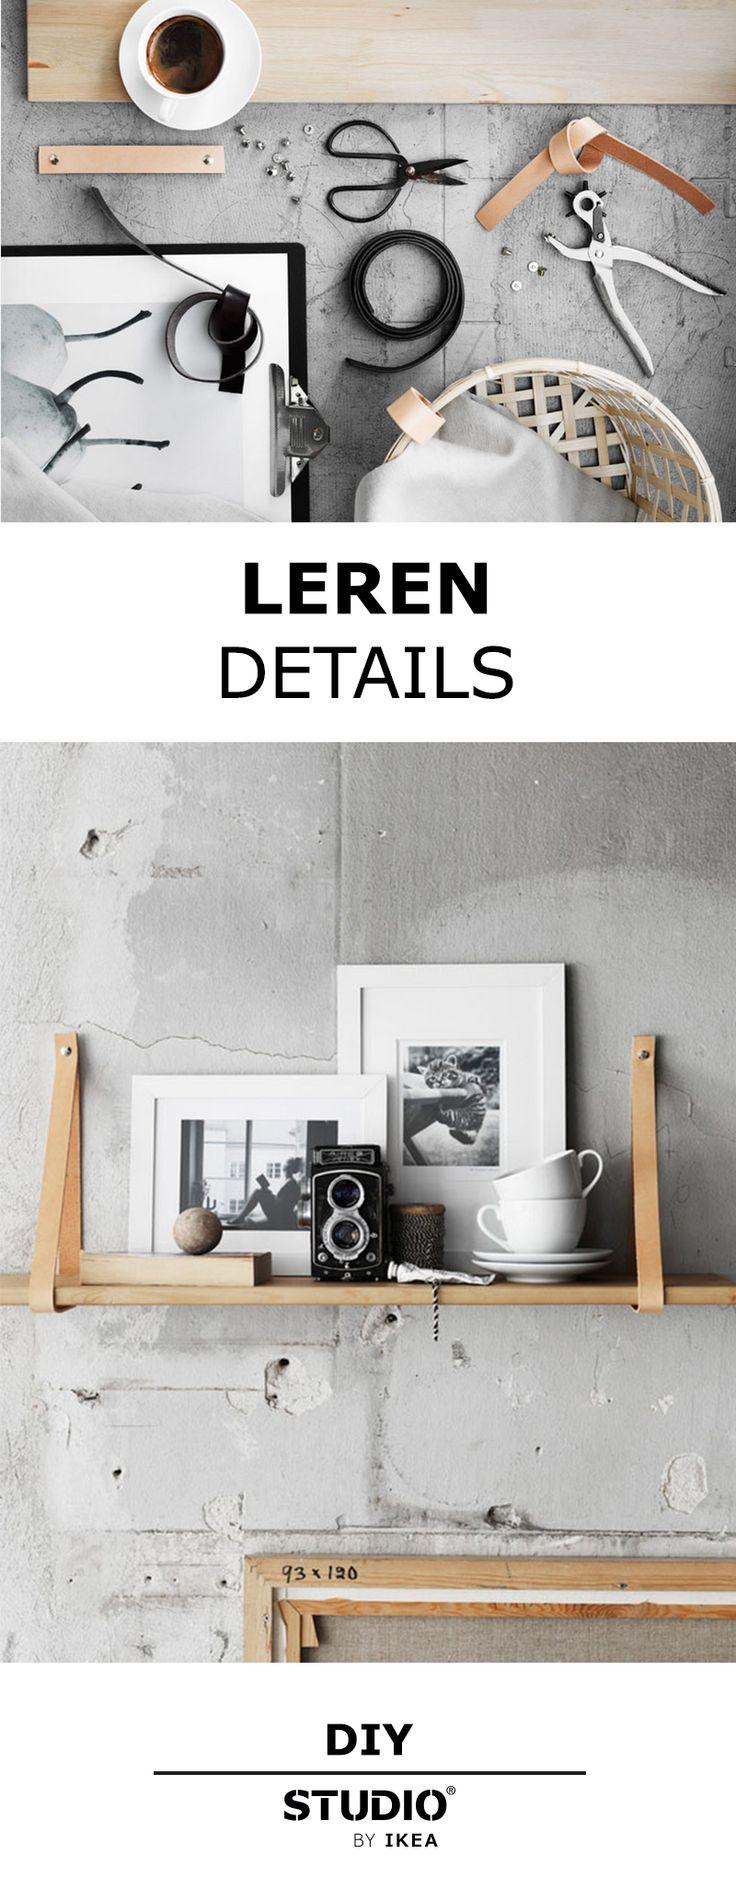 STUDIO by IKEA - Een DIY met stoeren leren details. | #STUDIObyIKEA #IKEA…